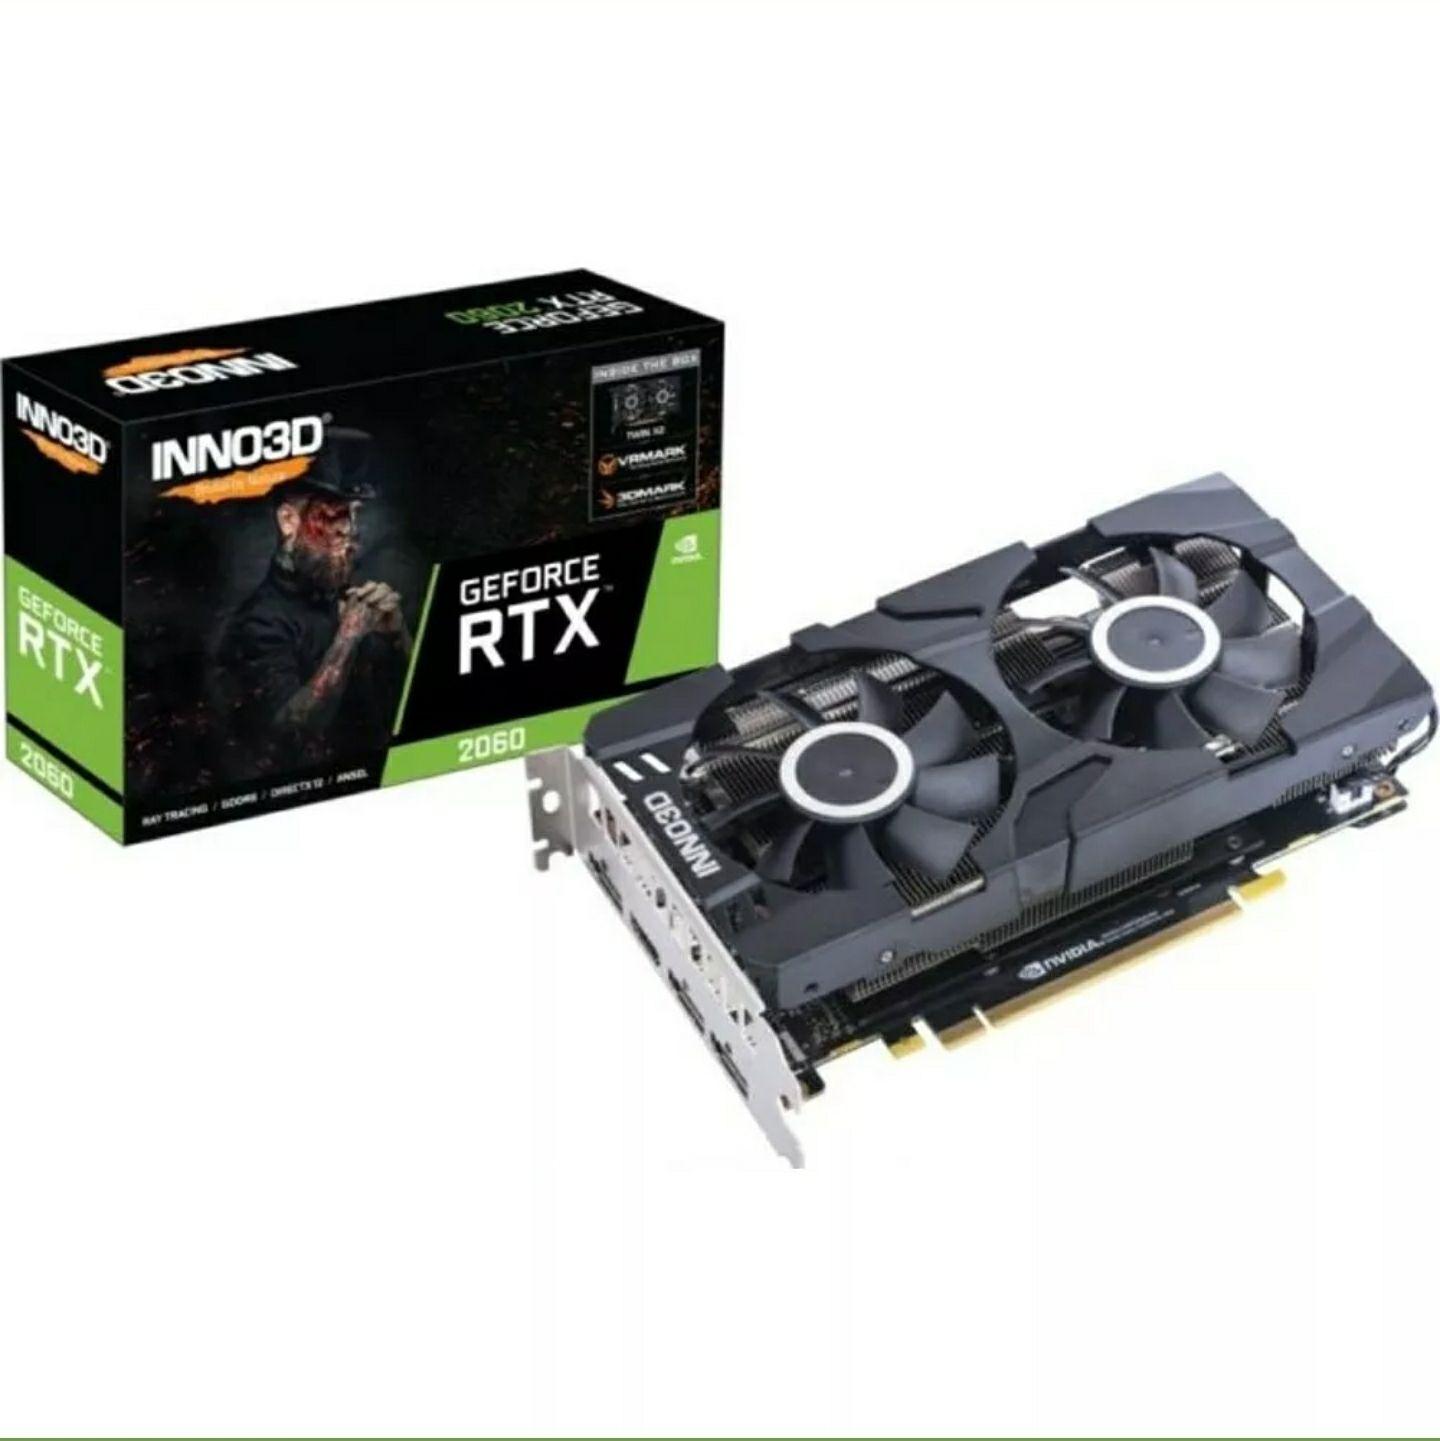 Bestpreis! Inno3D GeForce RTX 2060 6GB Twin X2 - 1x HDMI/3x DisplayPort